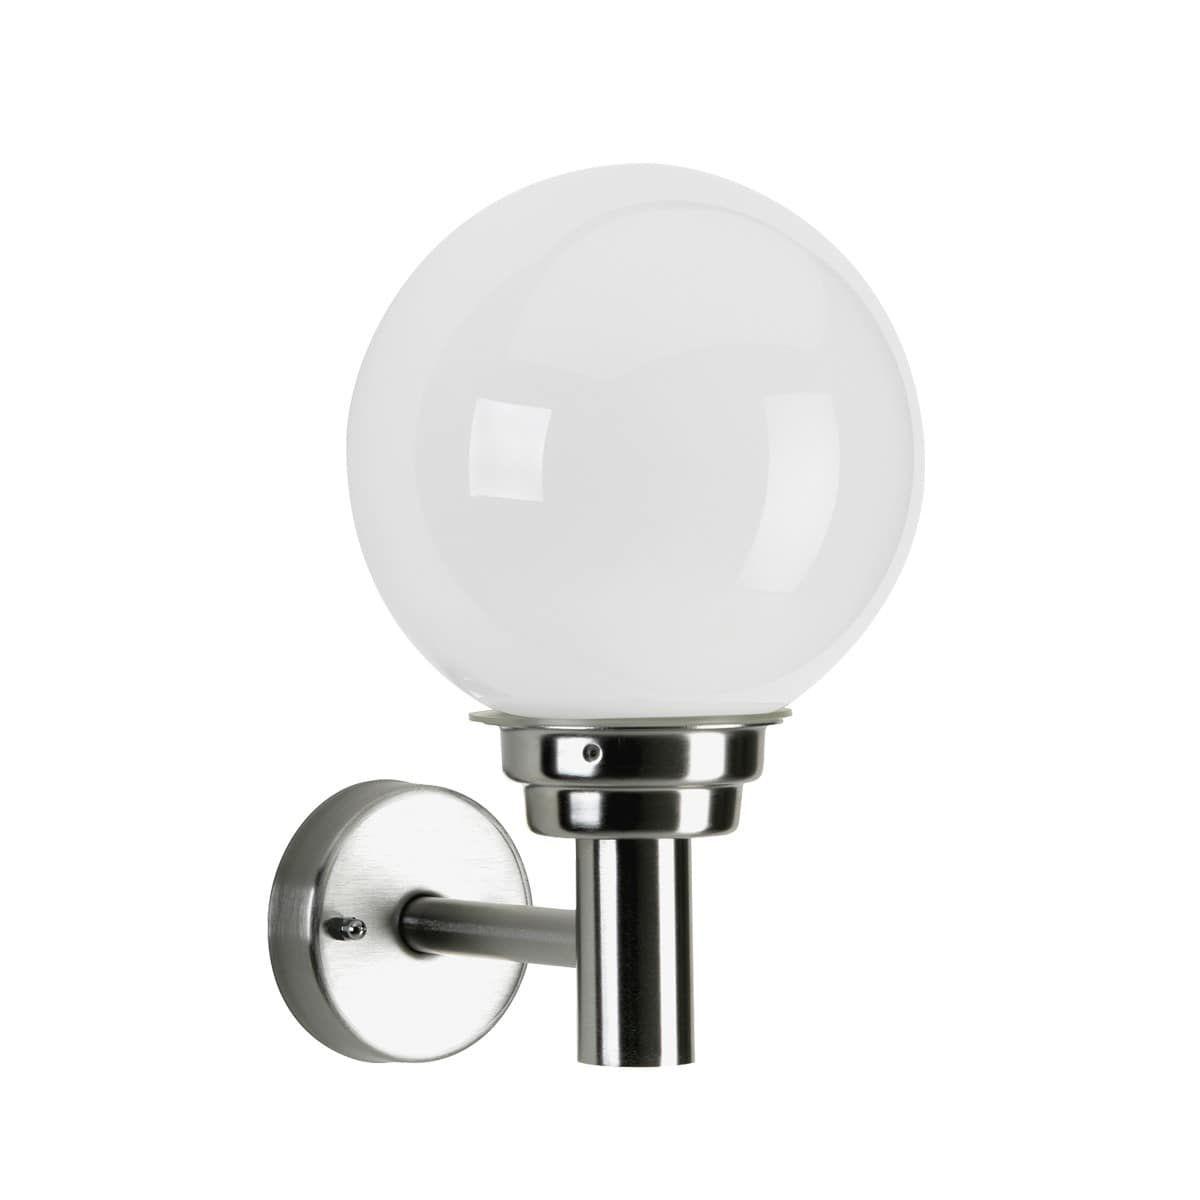 Albert 69022 Aussenwandleuchte Opalglas Led Bewegungsmelder Aussenwandleuchte Aussenbeleuchtung Led